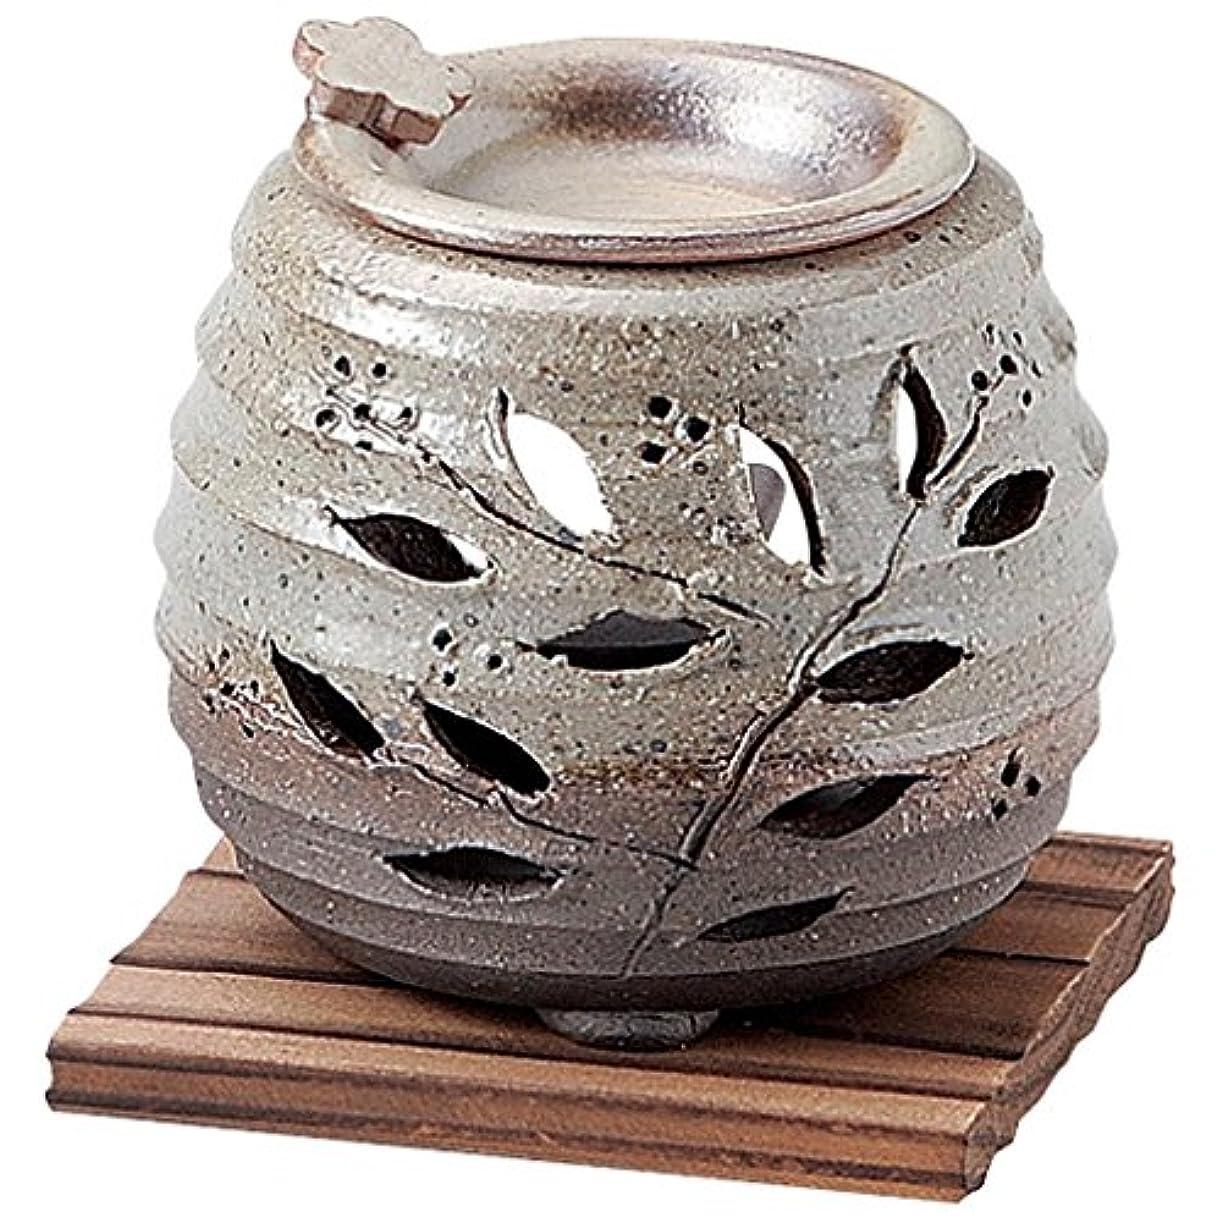 ハンマーガムエスカレーター山下工芸 常滑焼 石龍緑灰釉花茶香炉 板付 10.5×11×11cm 13045750